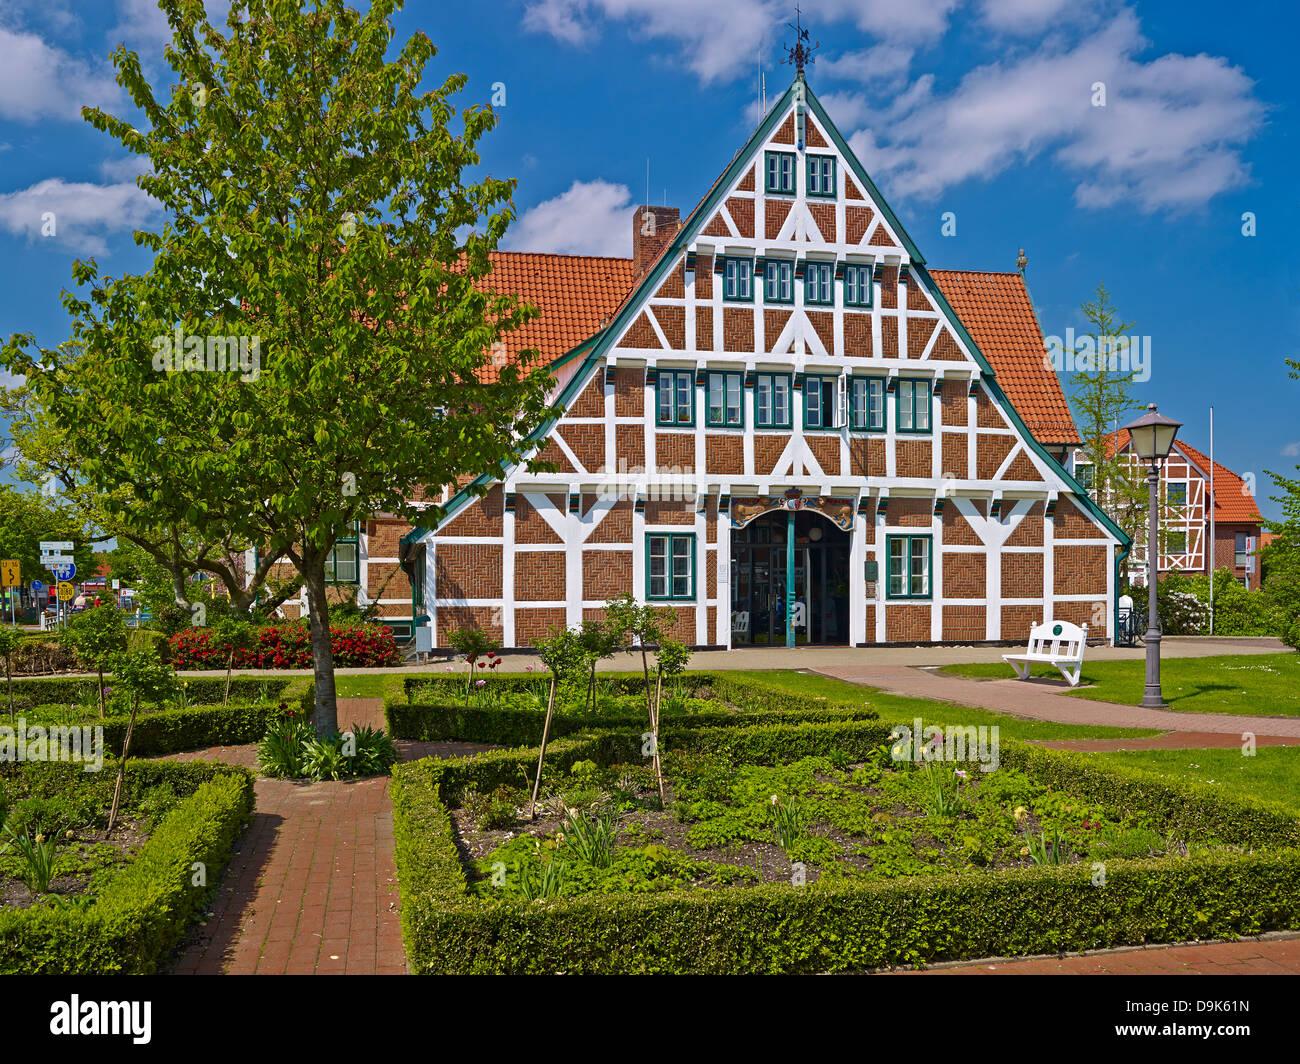 rathaus in jork altes land landkreis stade niedersachsen deutschland stockfoto bild. Black Bedroom Furniture Sets. Home Design Ideas